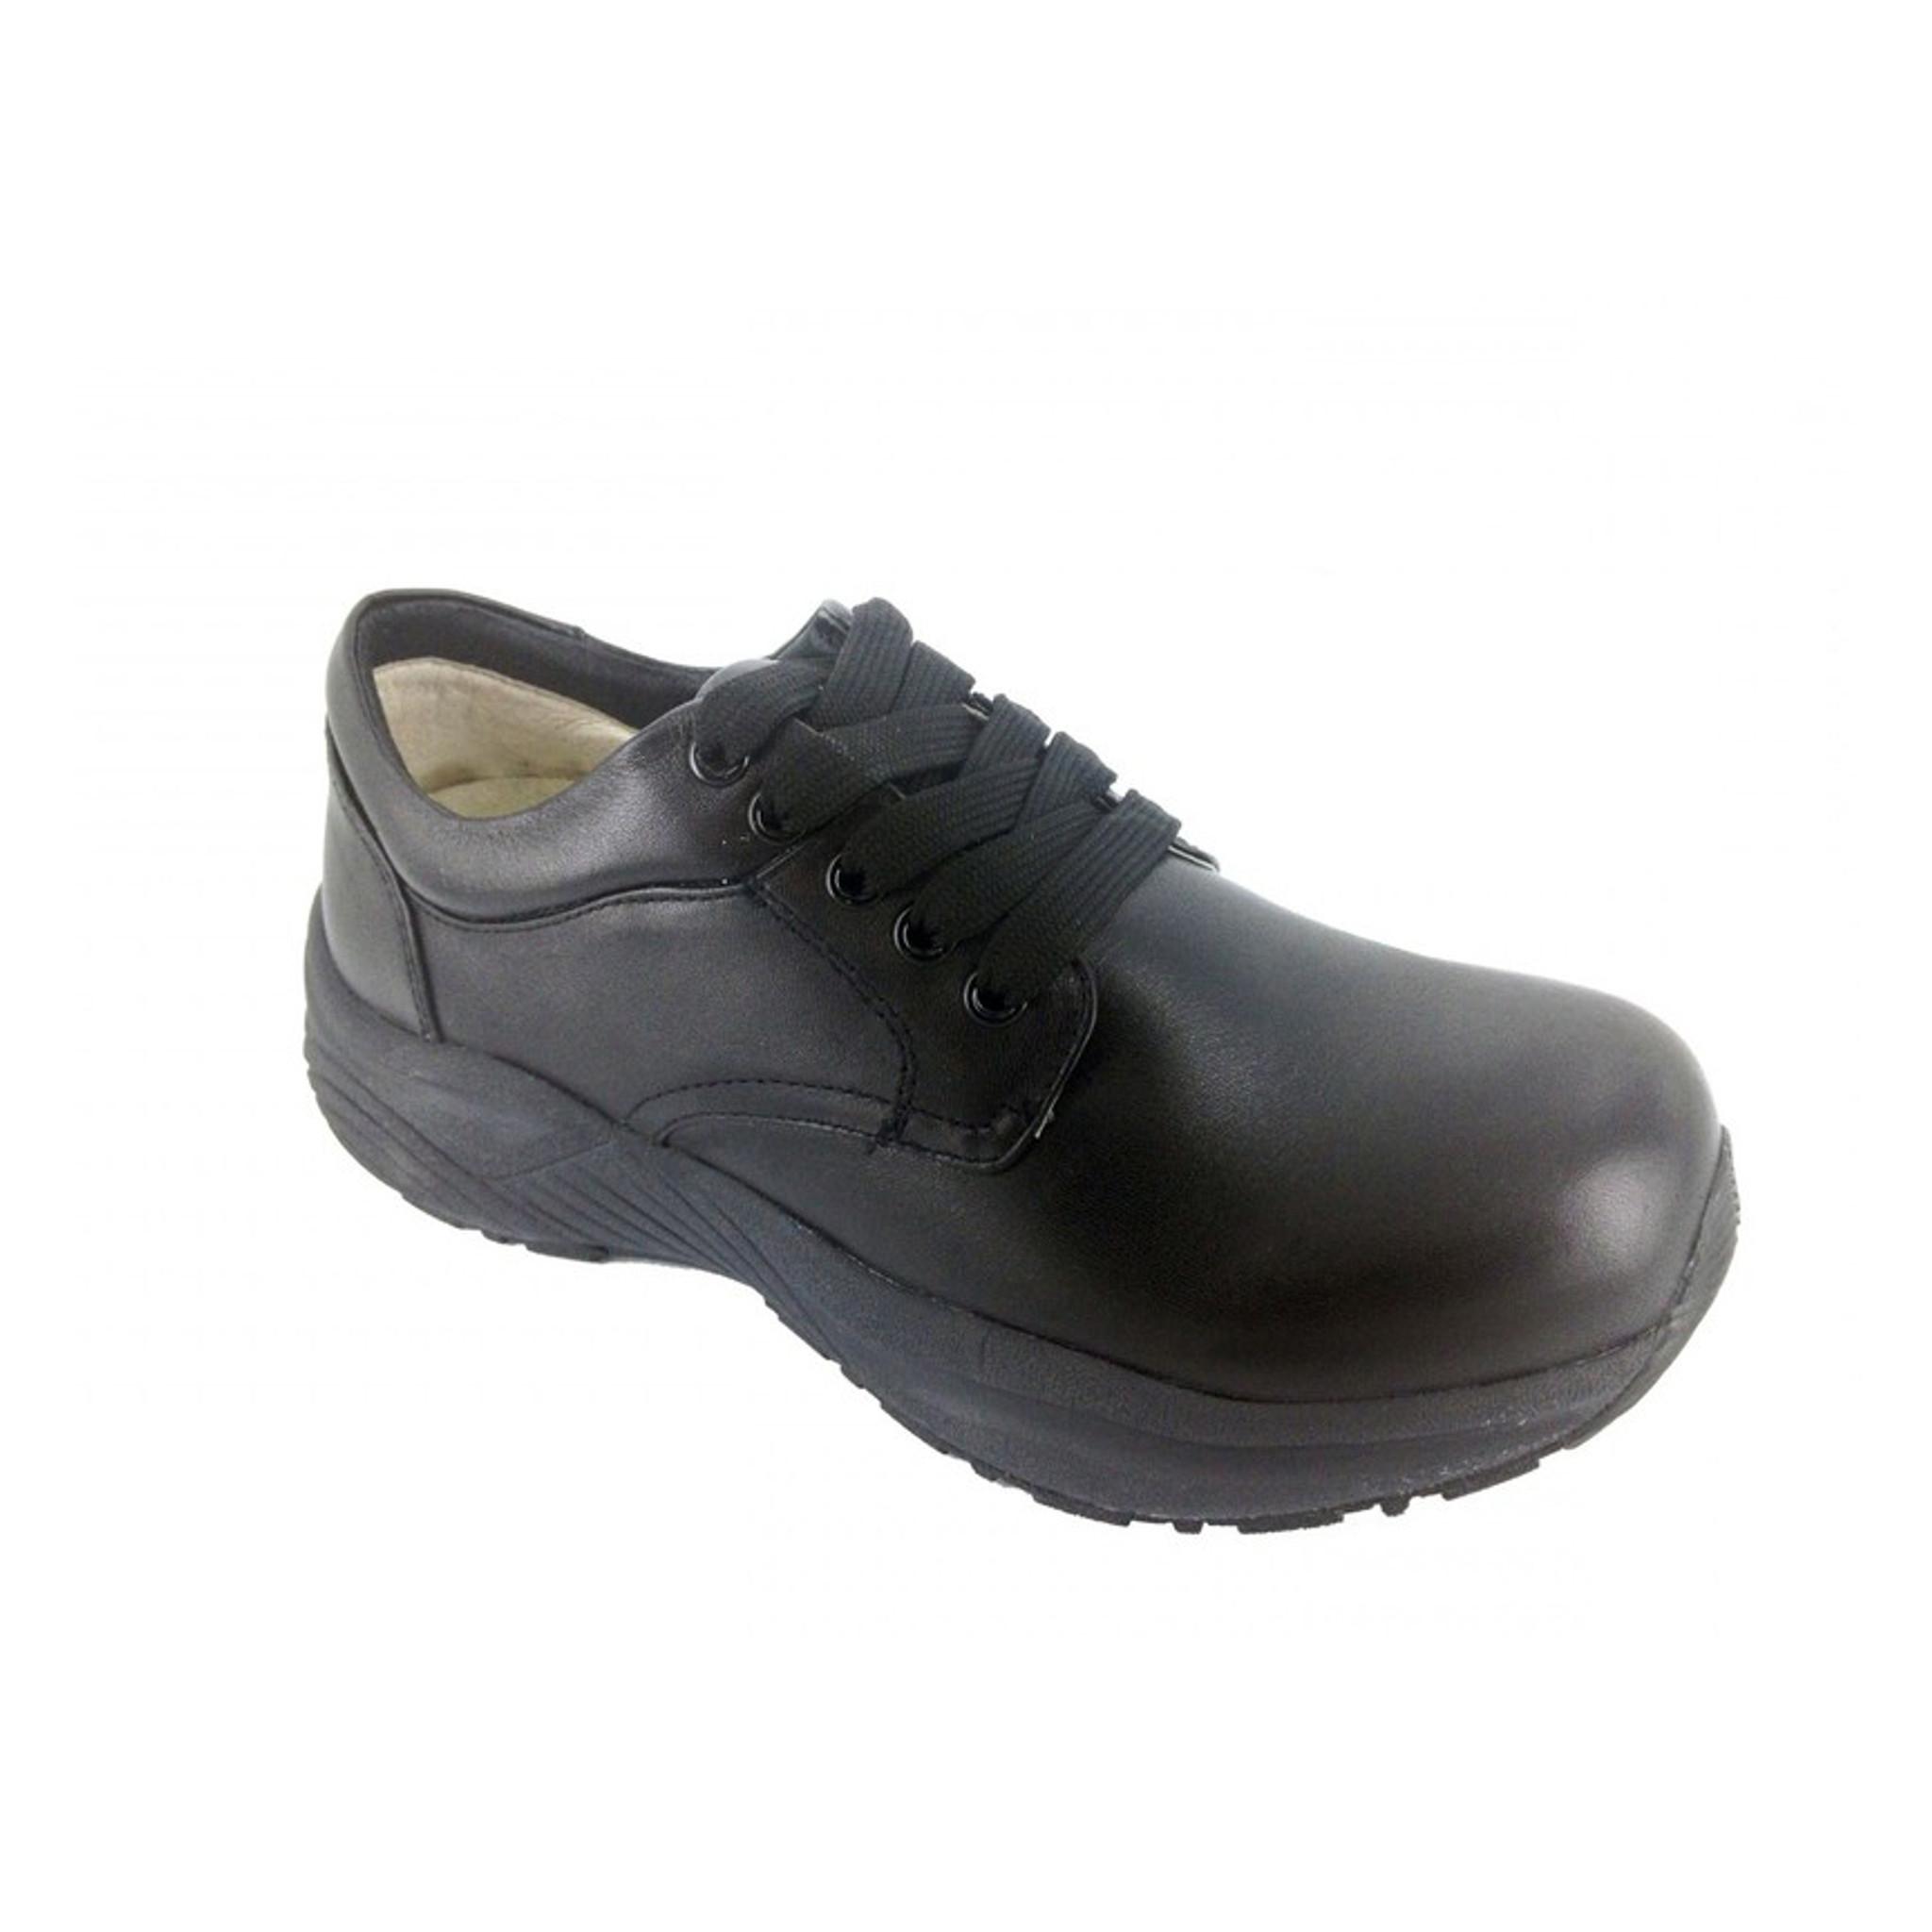 Genext Black Lace Up Orthopedic Shoes